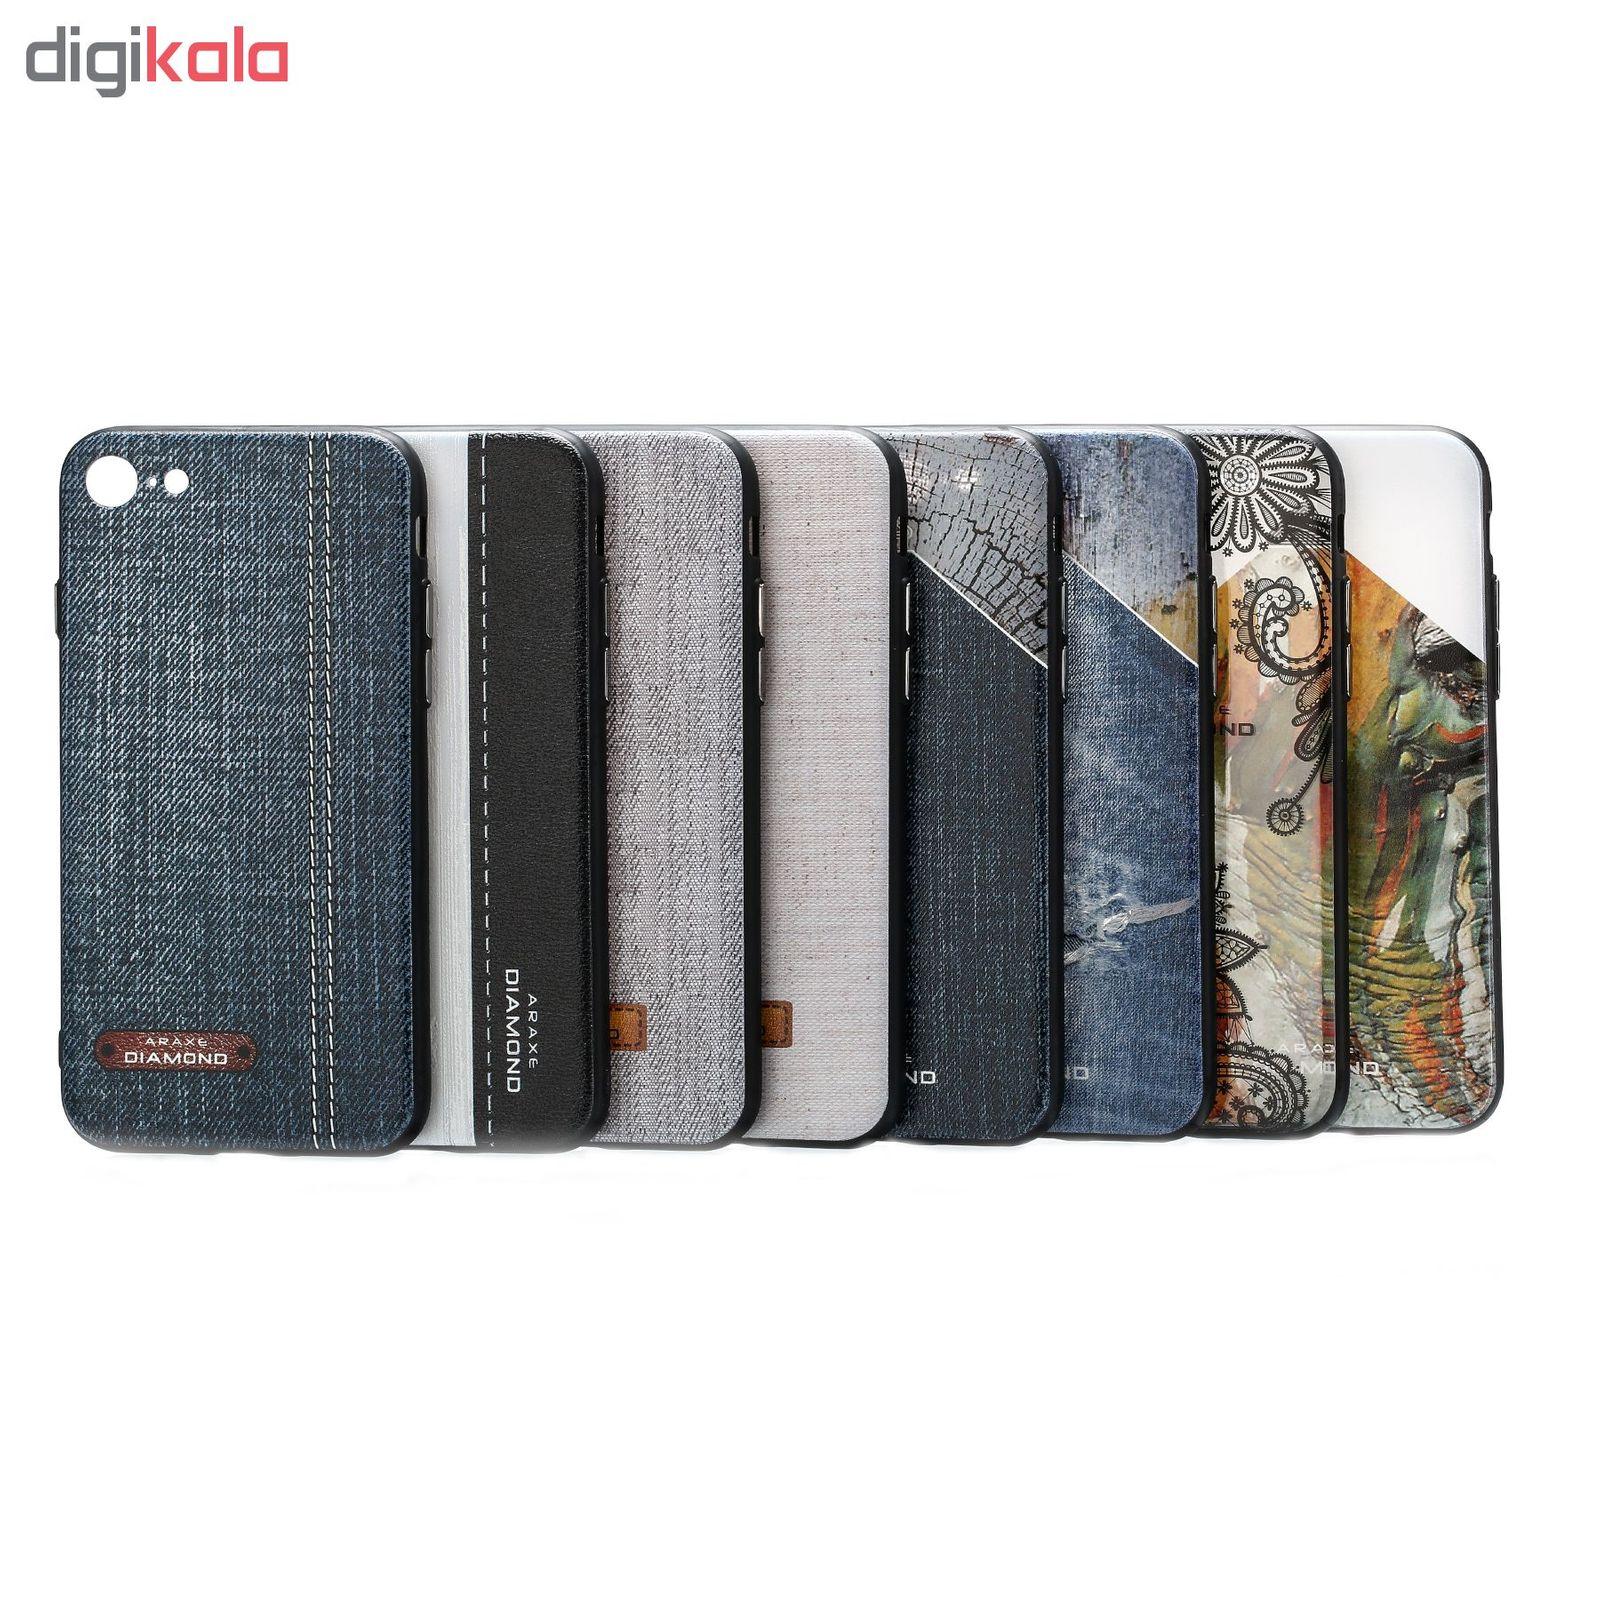 کاور دیاموند مدل Tree Leather مناسب برای گوشی موبایل آیفون 7 پلاس main 1 2